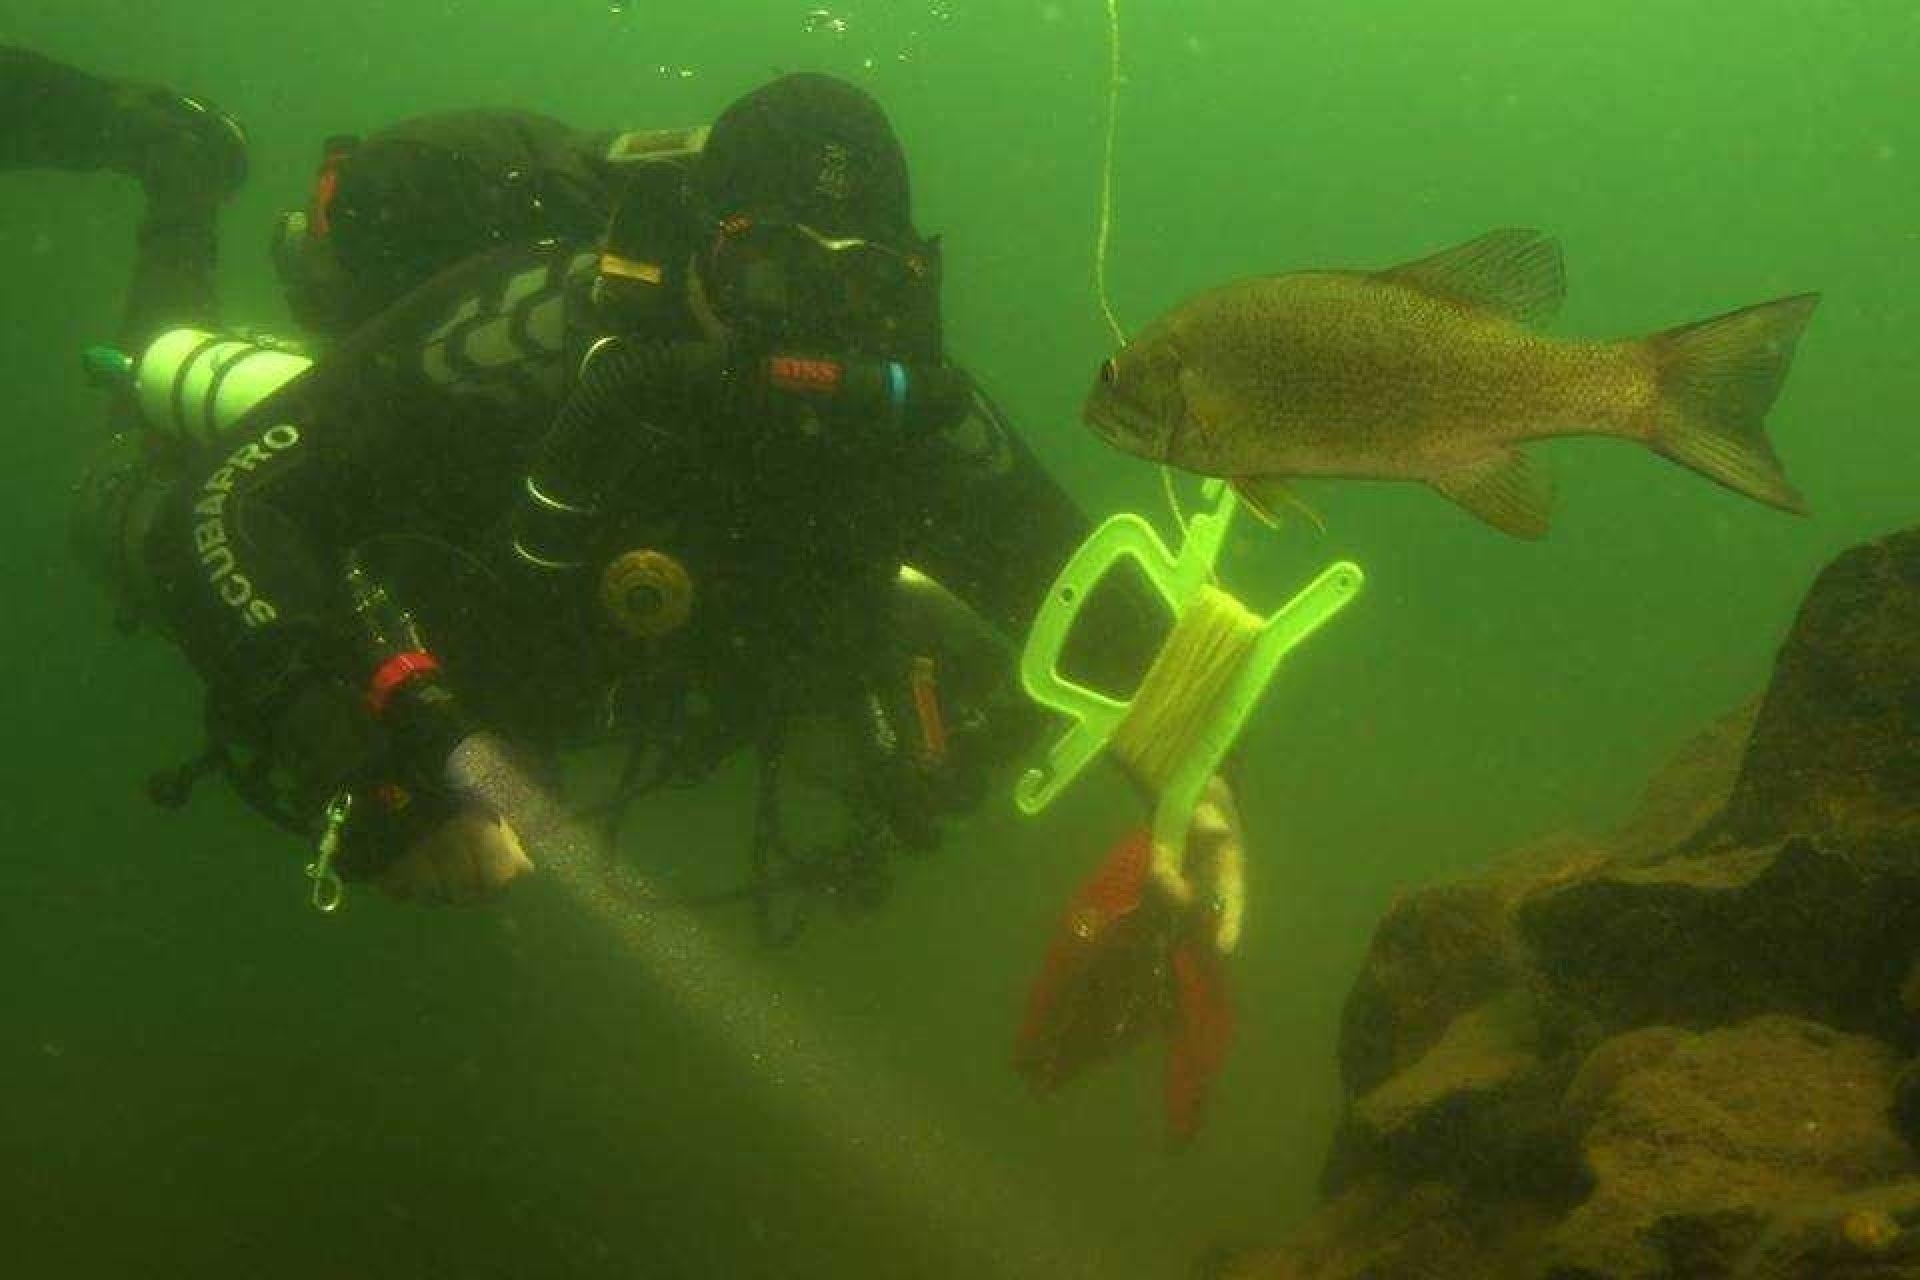 Scuba Diver Meets Fish